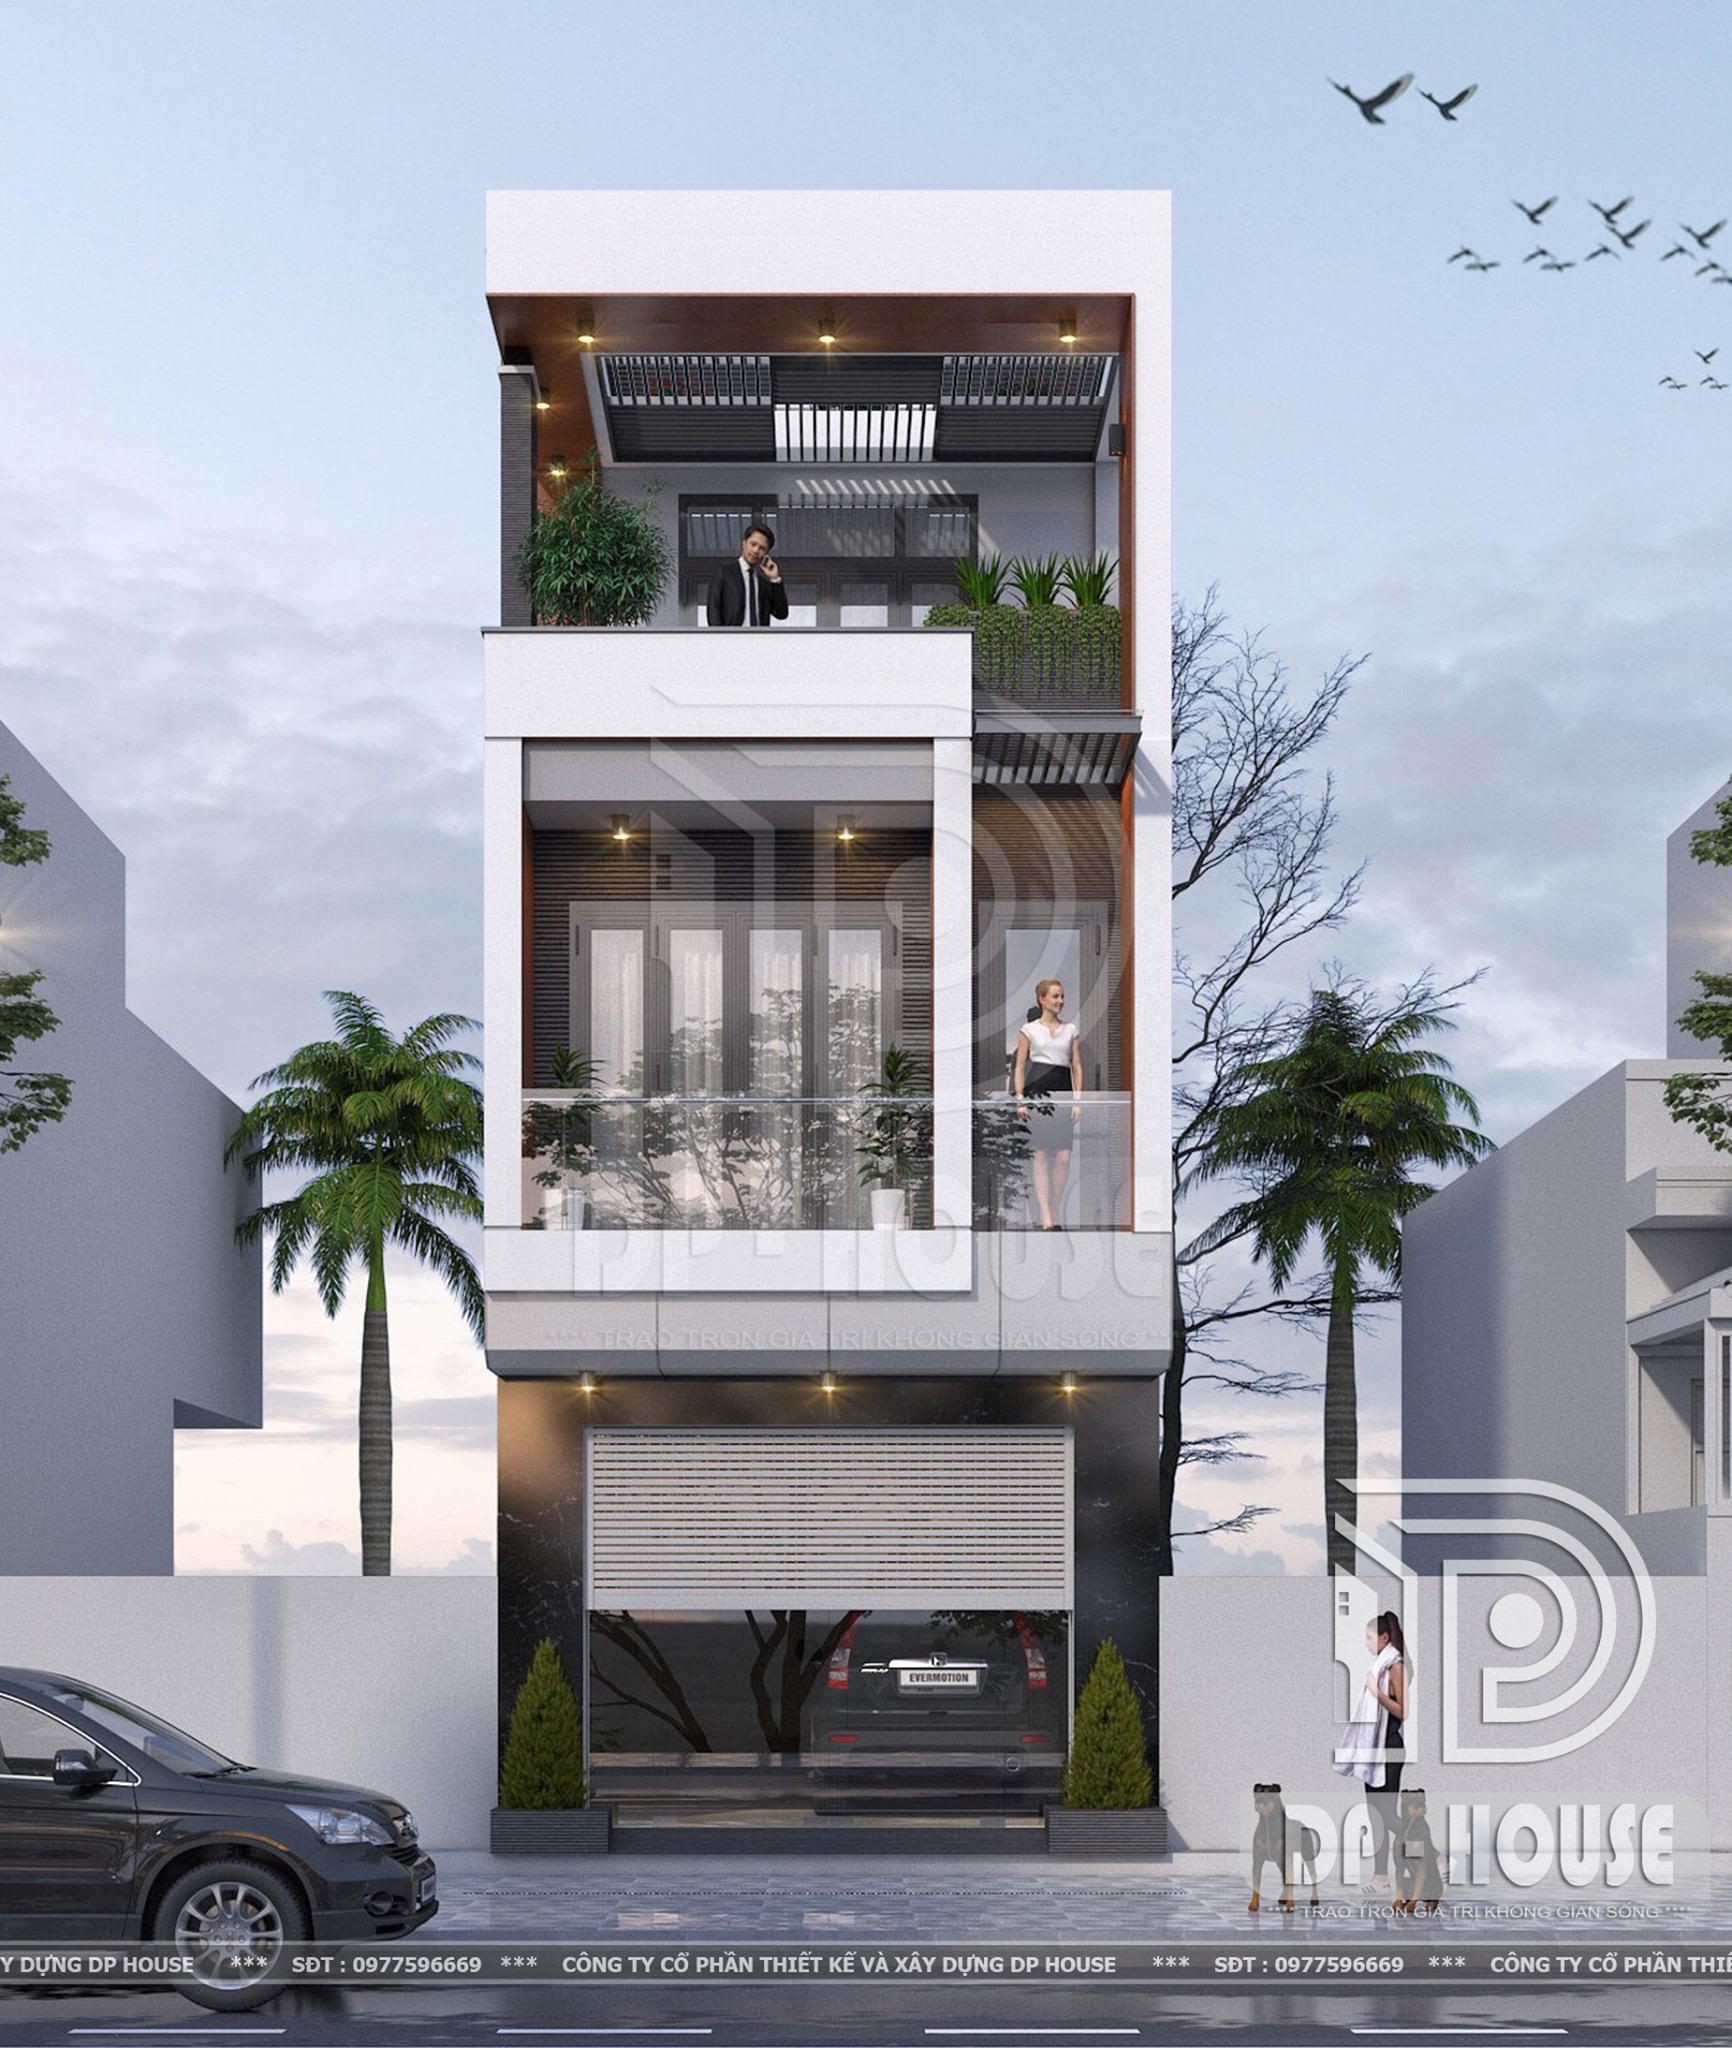 Thiết kế lô phố hiện đại 3 tầng ở Hải Dương